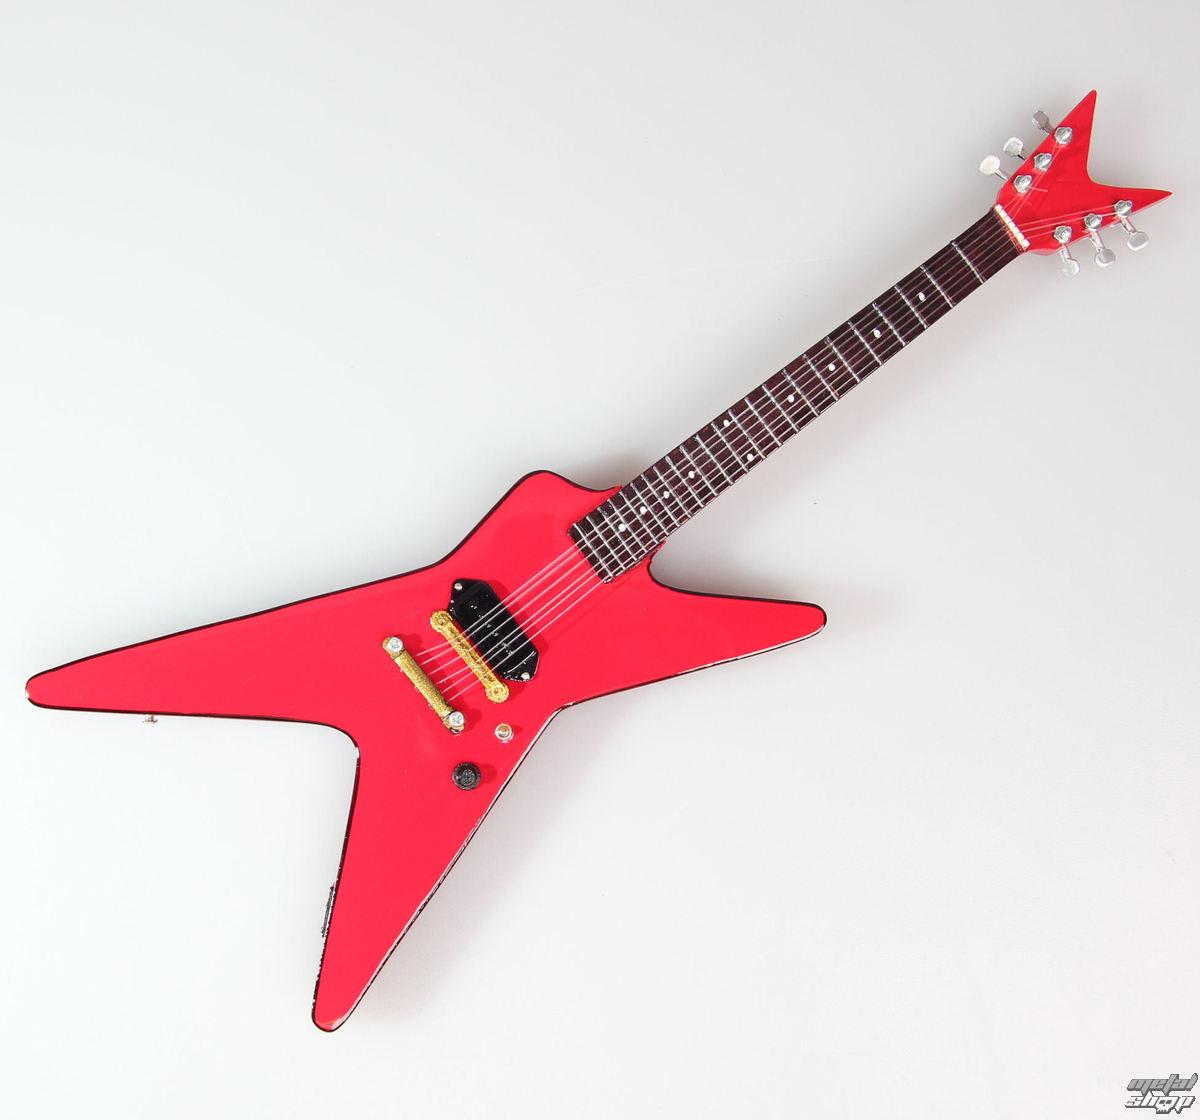 gitara Sammy Hagar - Red Rocker - MINI GUITAR USA - SHD